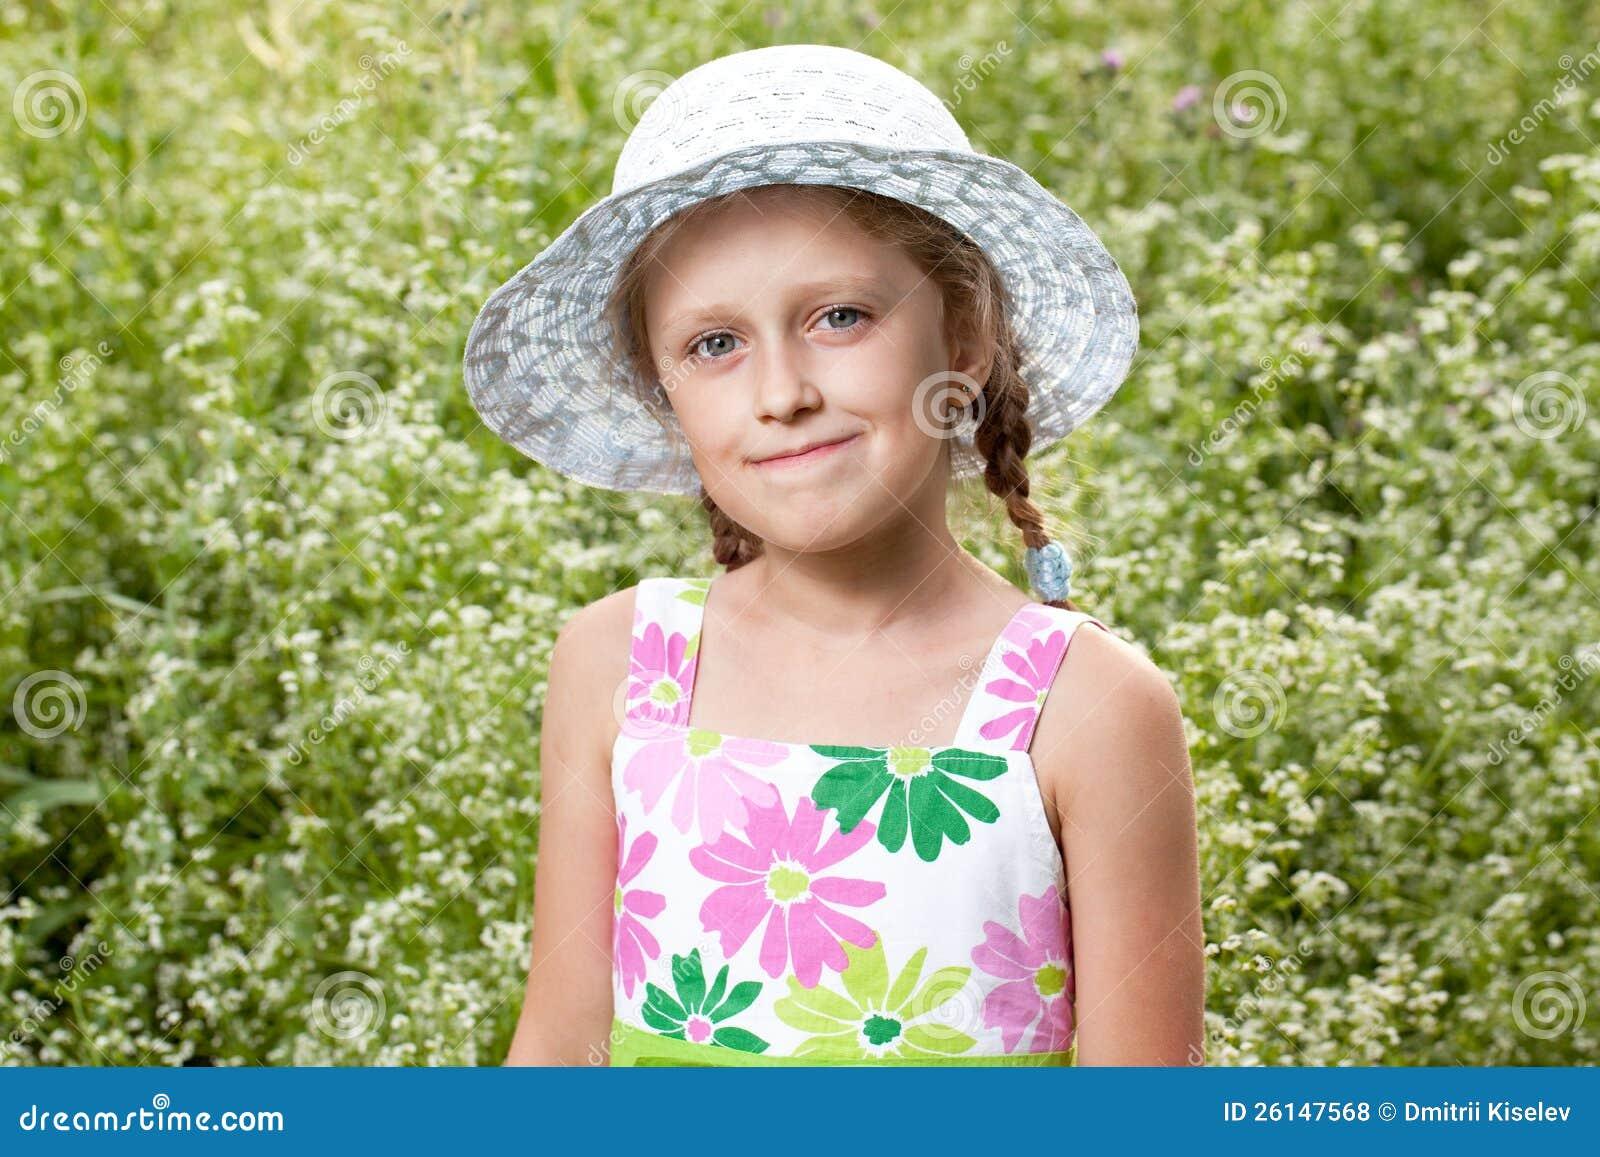 Les adolescents de modestie naturelle: Anal cul jeunesse